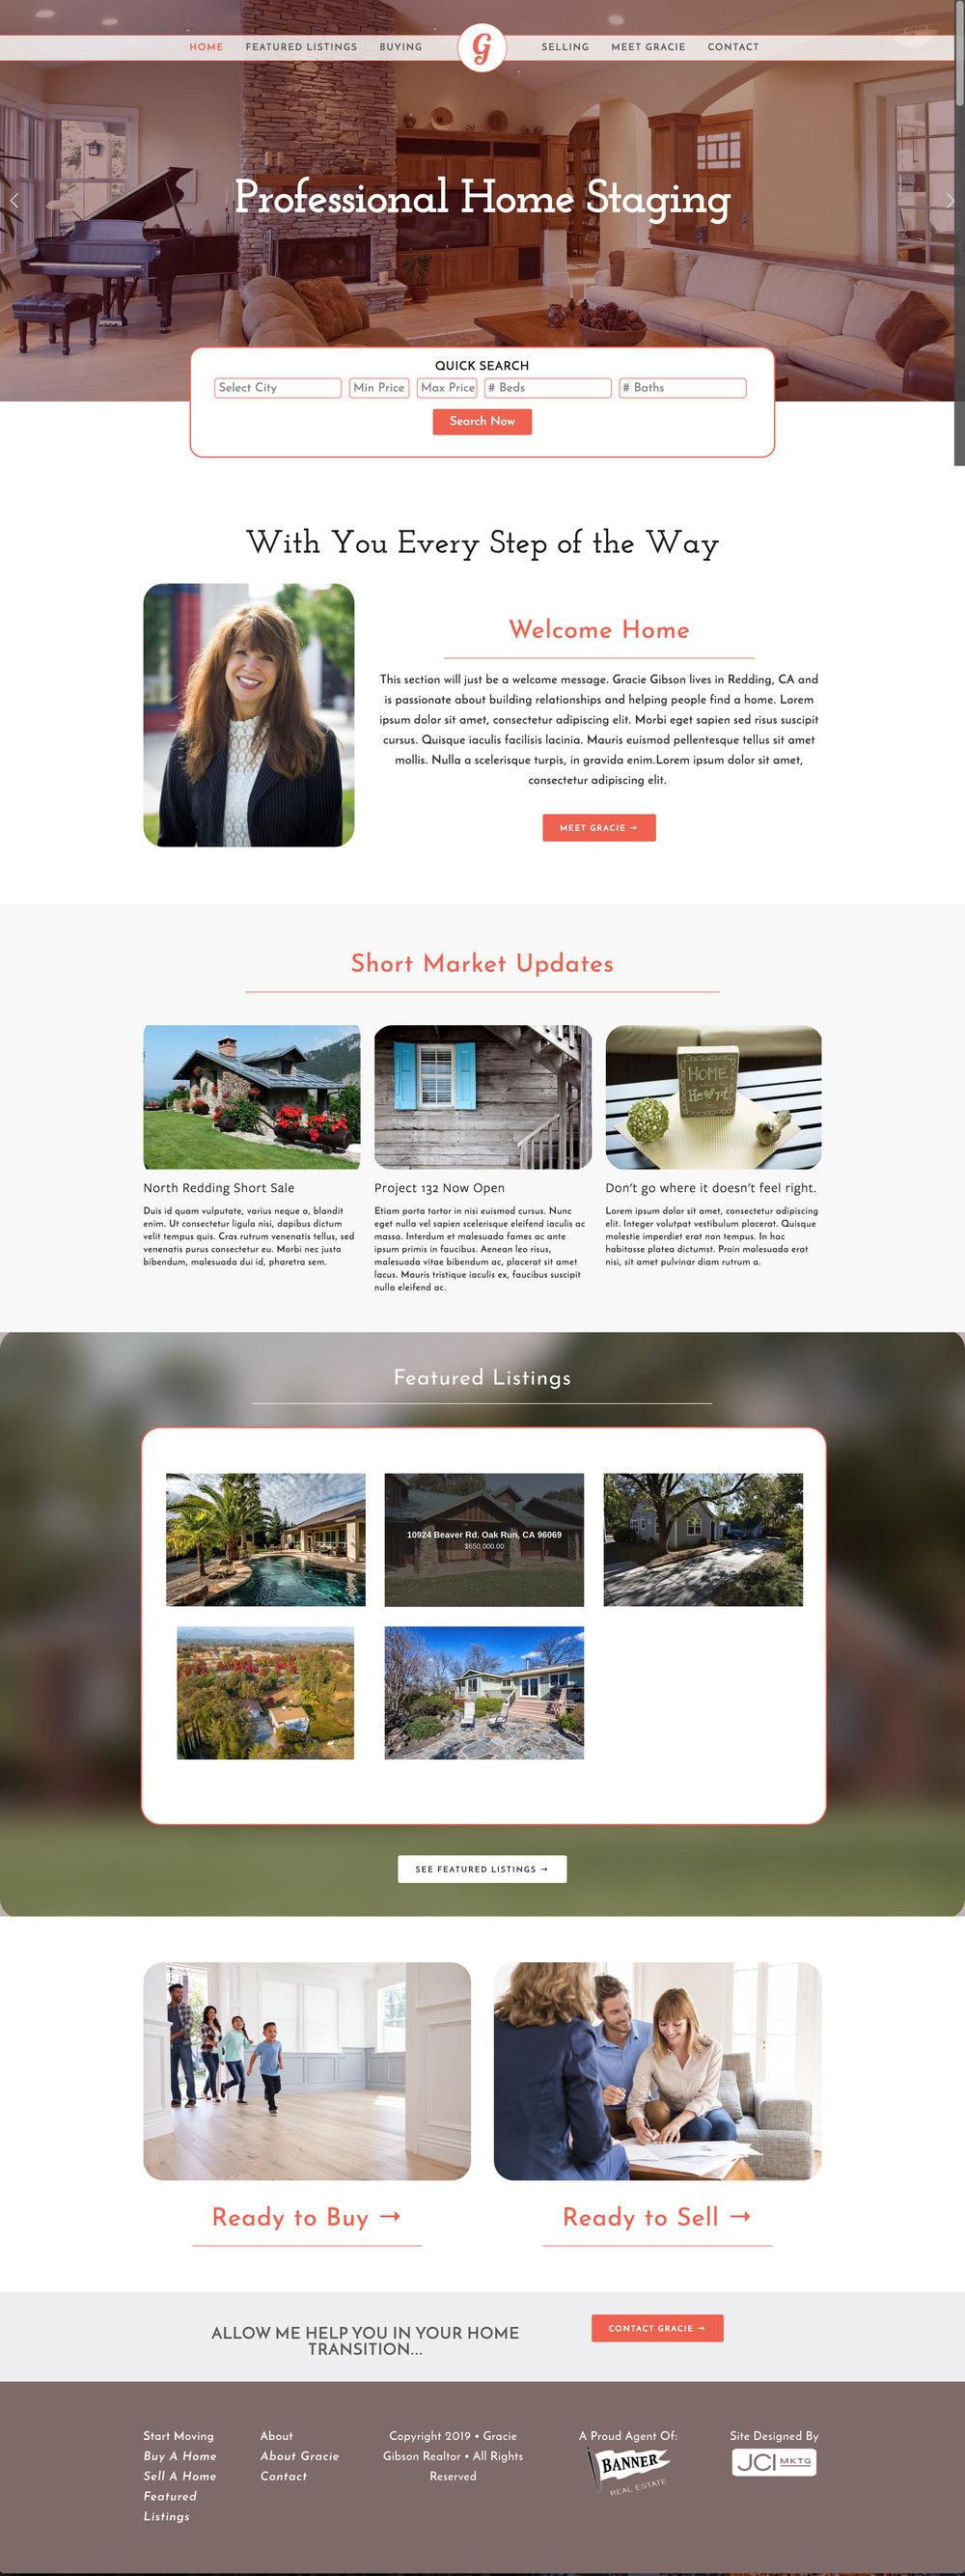 GG Homes.jpg